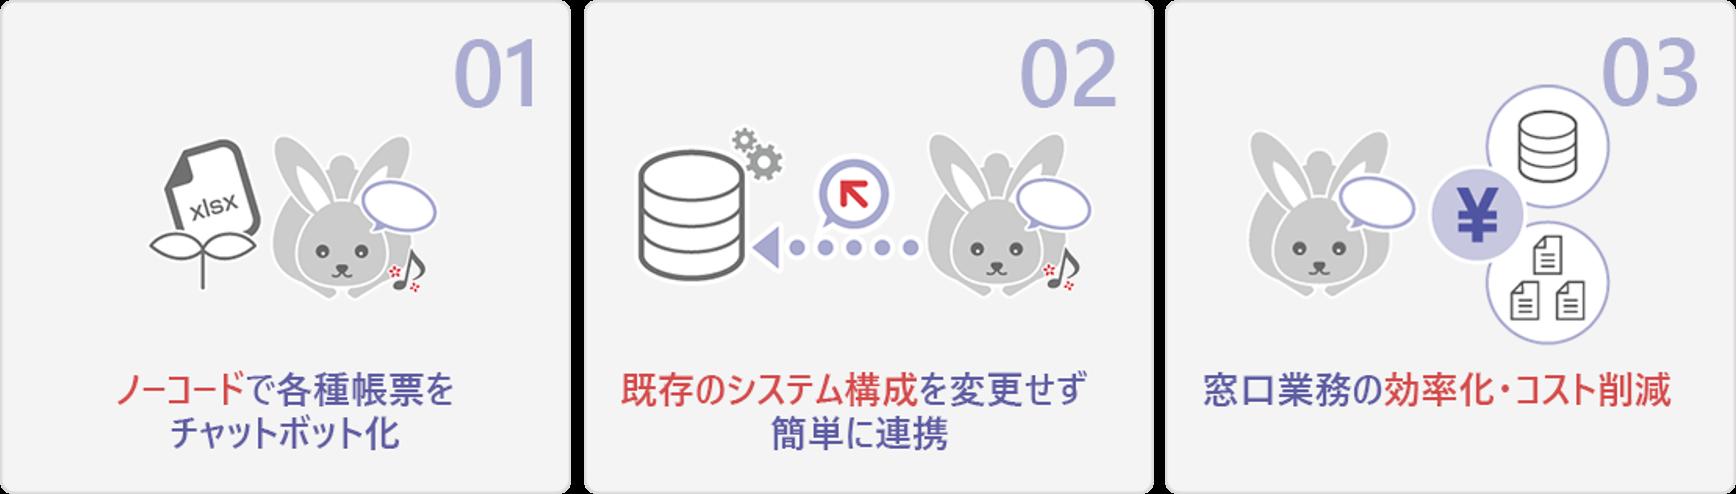 NaRuKami 受付サポーター 導入メリット画像